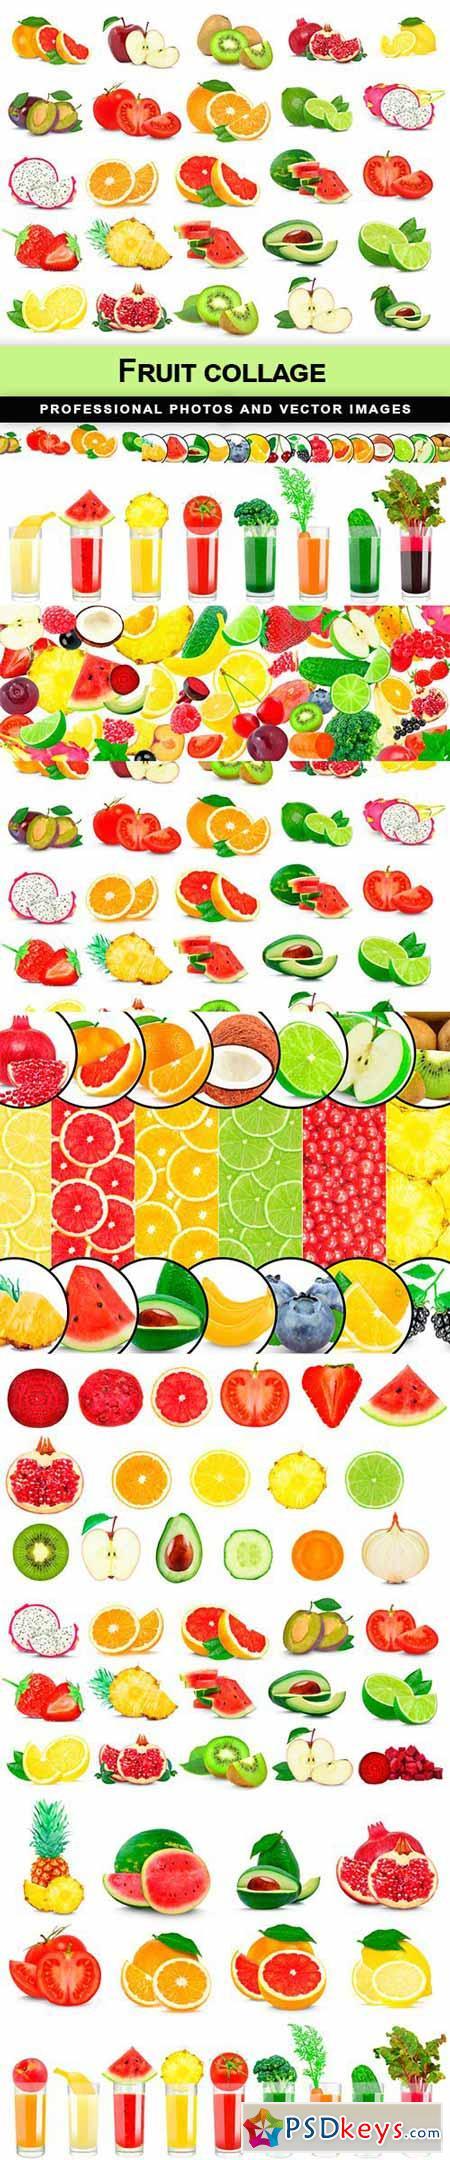 Fruit collage - 10 UHQ JPEG